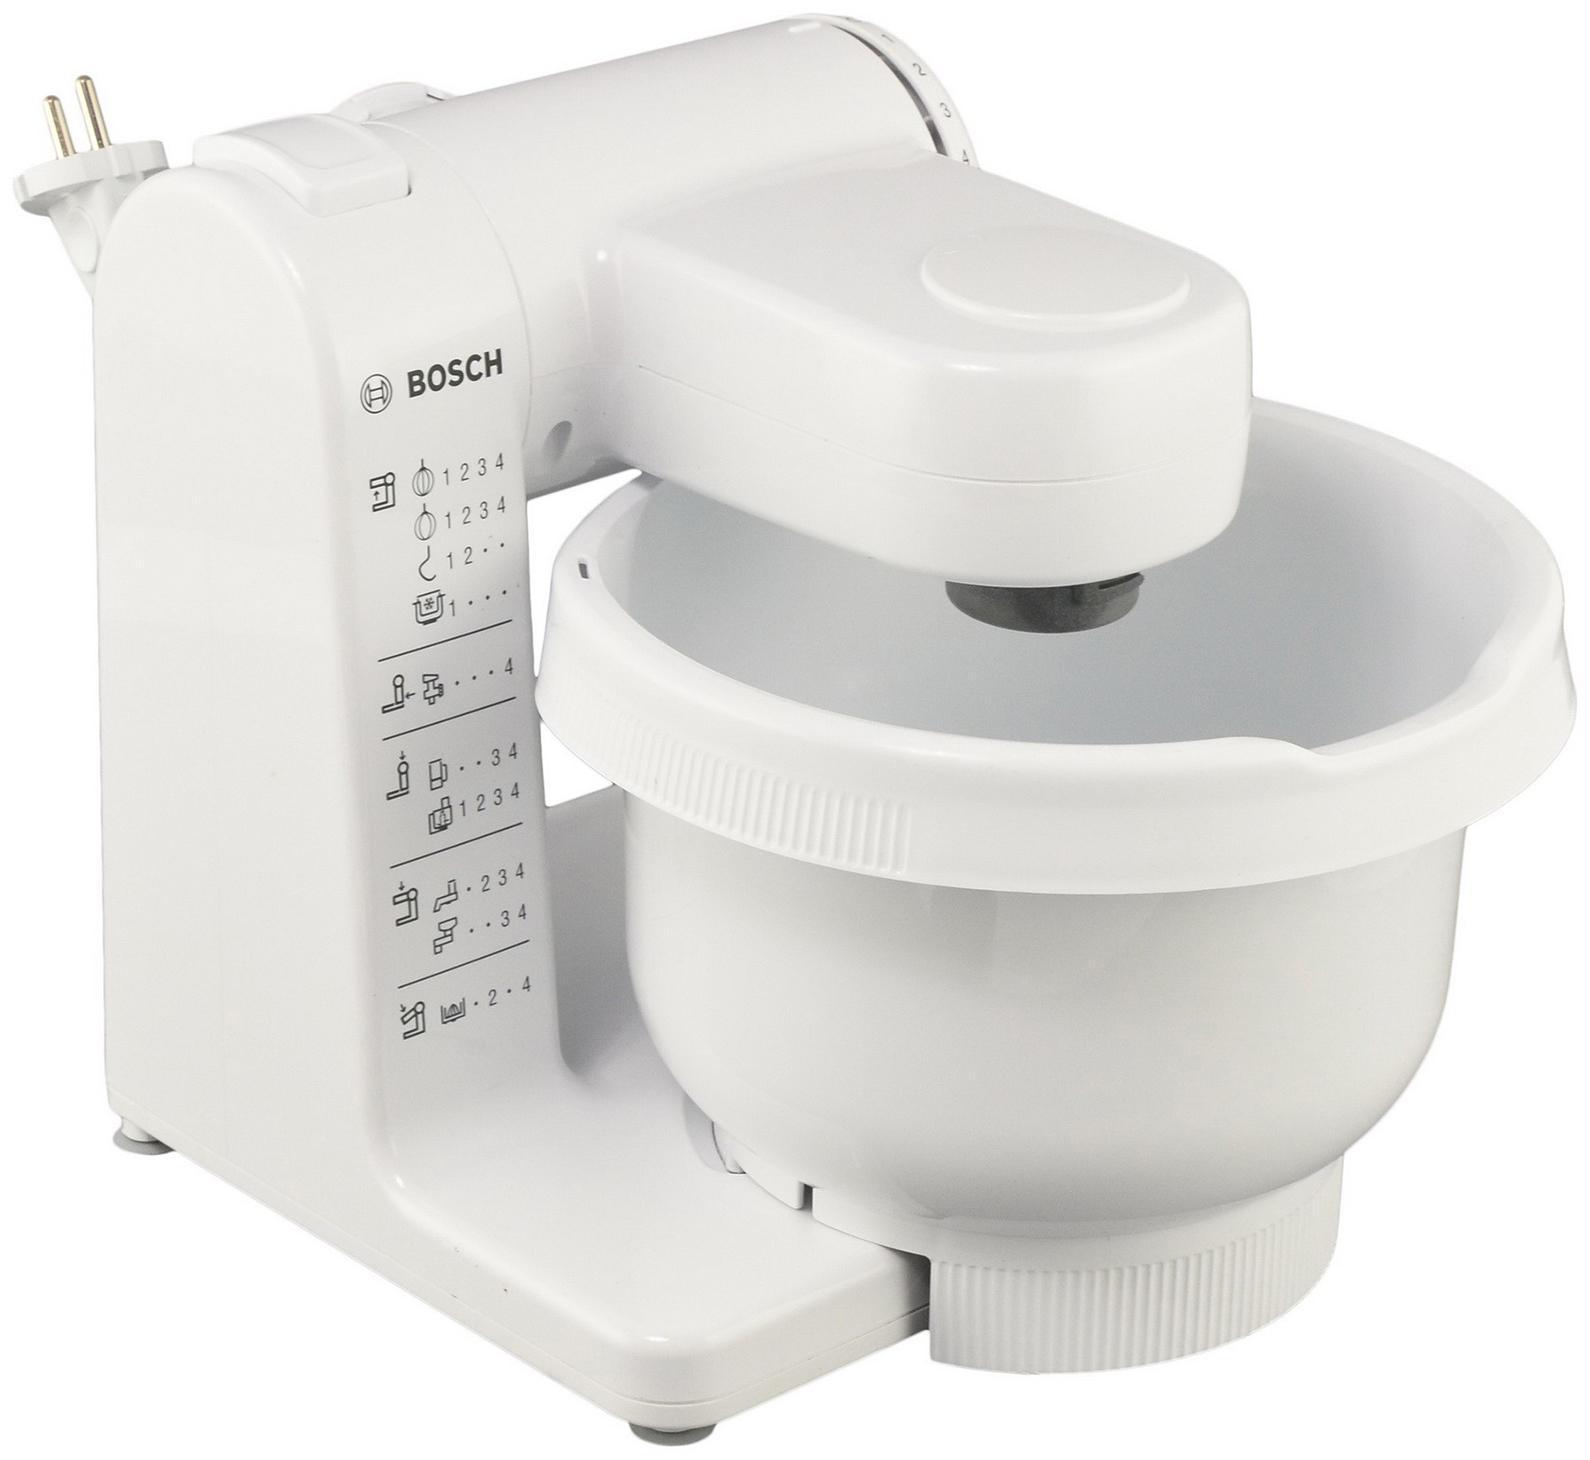 Bosch MUM 4406